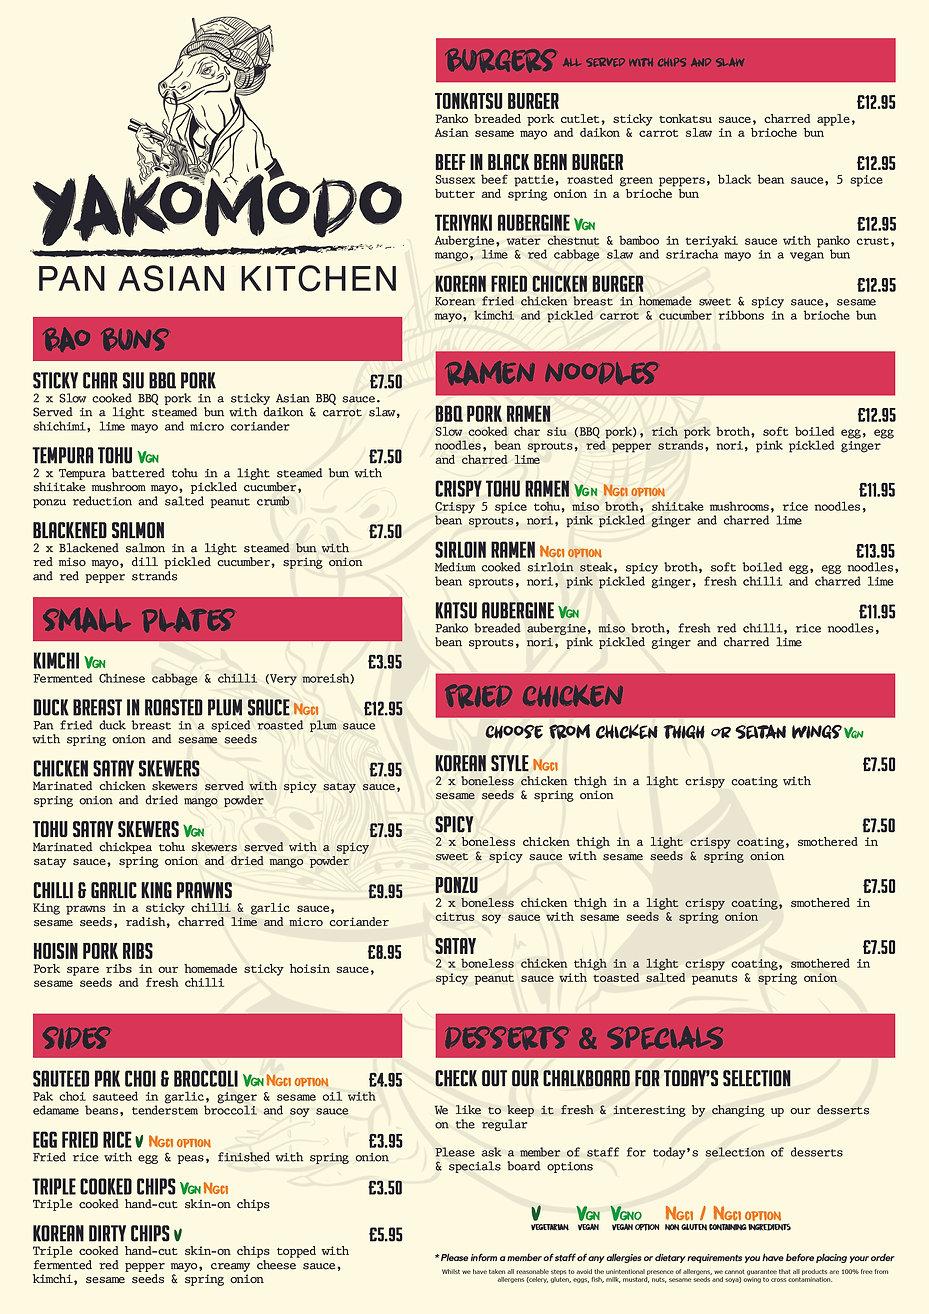 Yakomodo Pan Asian Kitchen Menu.jpg